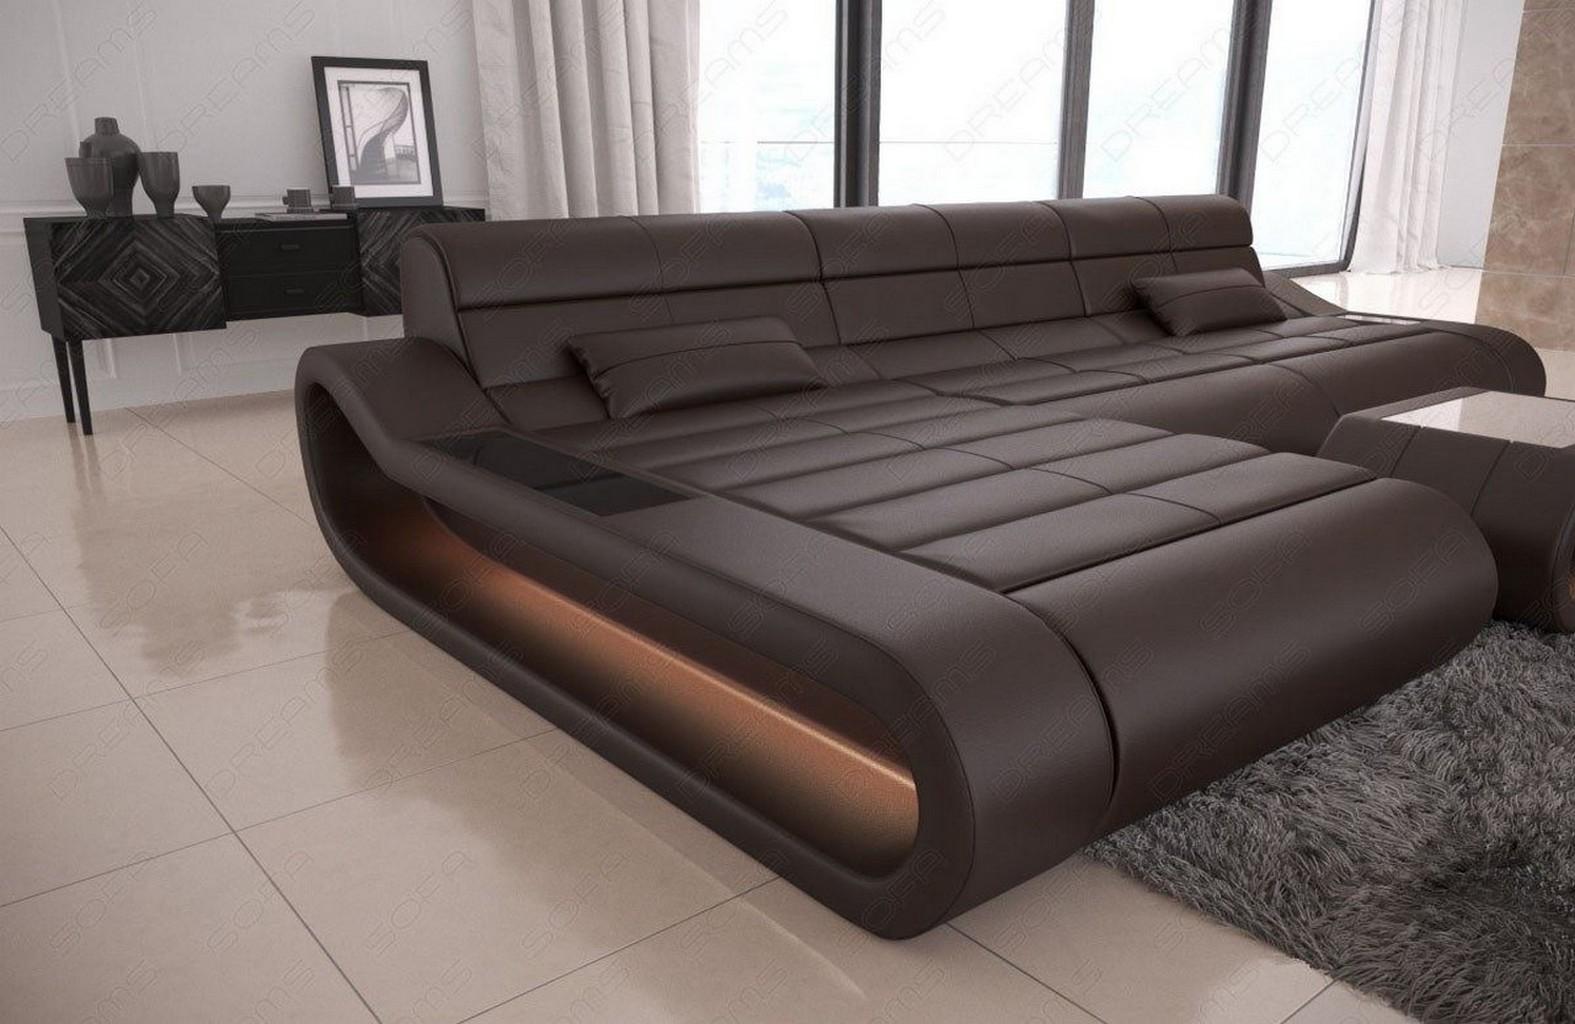 leder couch designer sofa ottomane concept l form lang. Black Bedroom Furniture Sets. Home Design Ideas